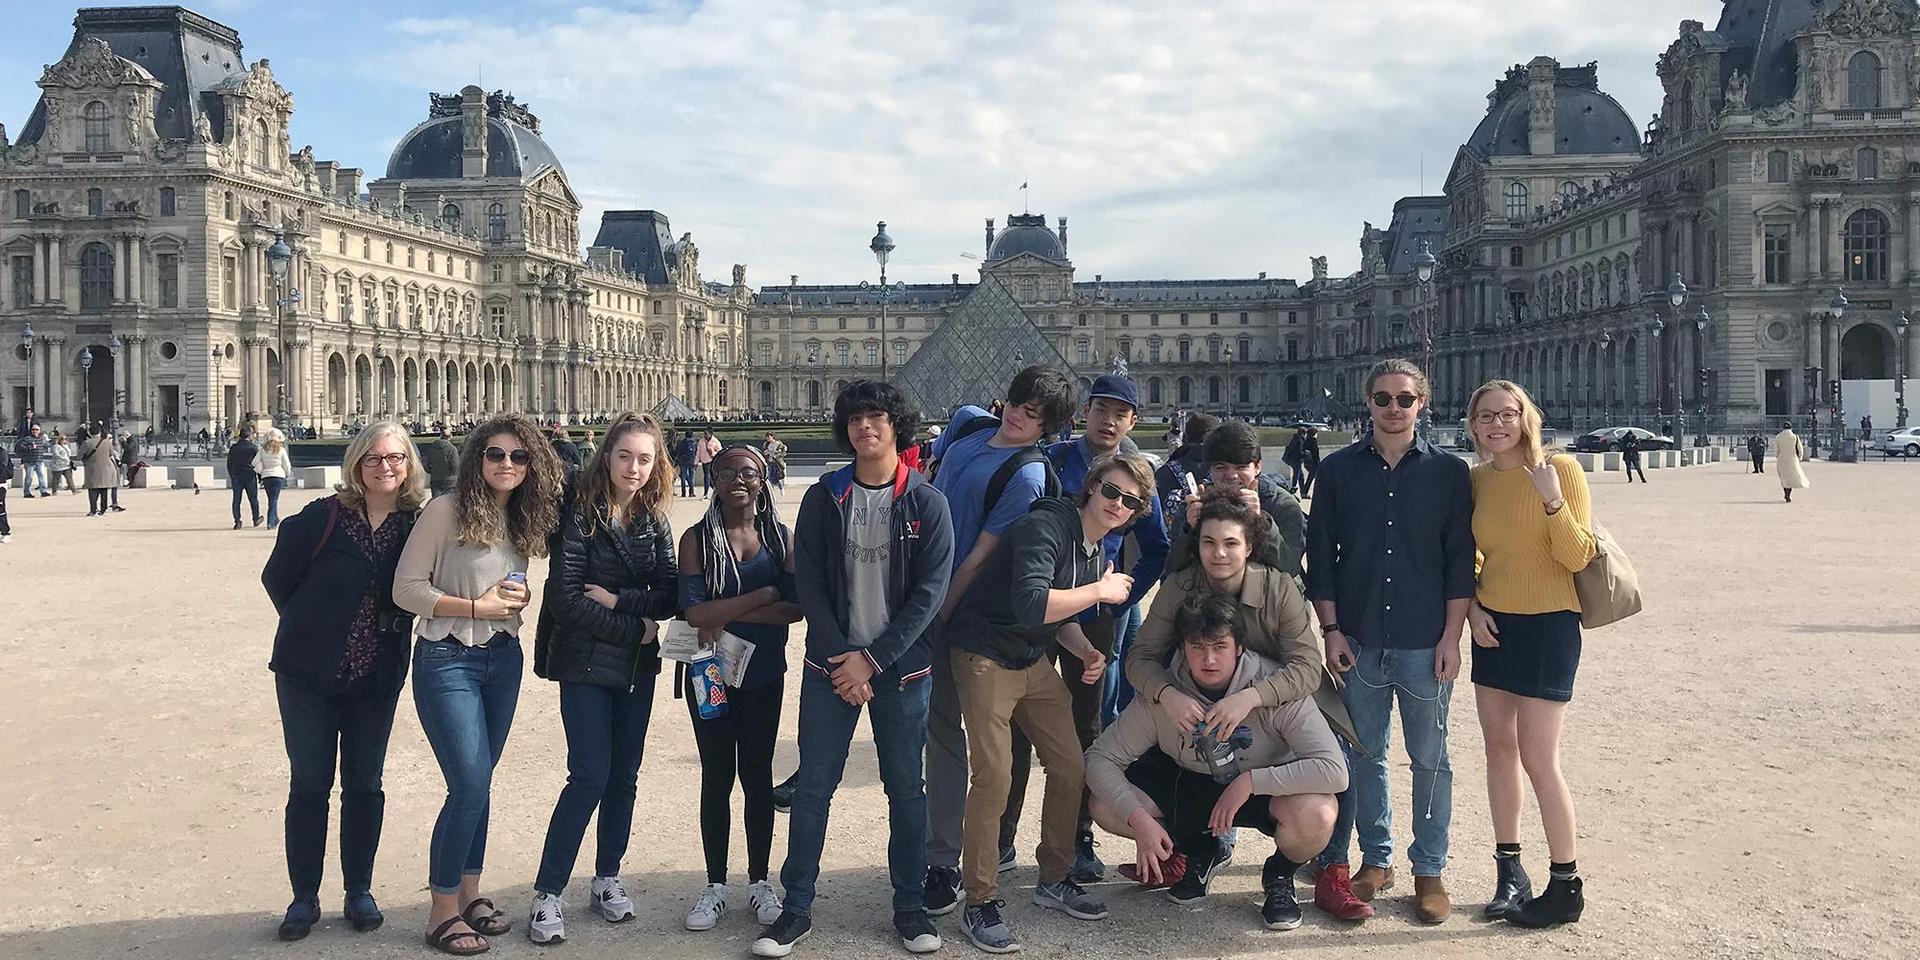 一群学生在法国凡尔赛宫和卢浮宫前上实地课程.